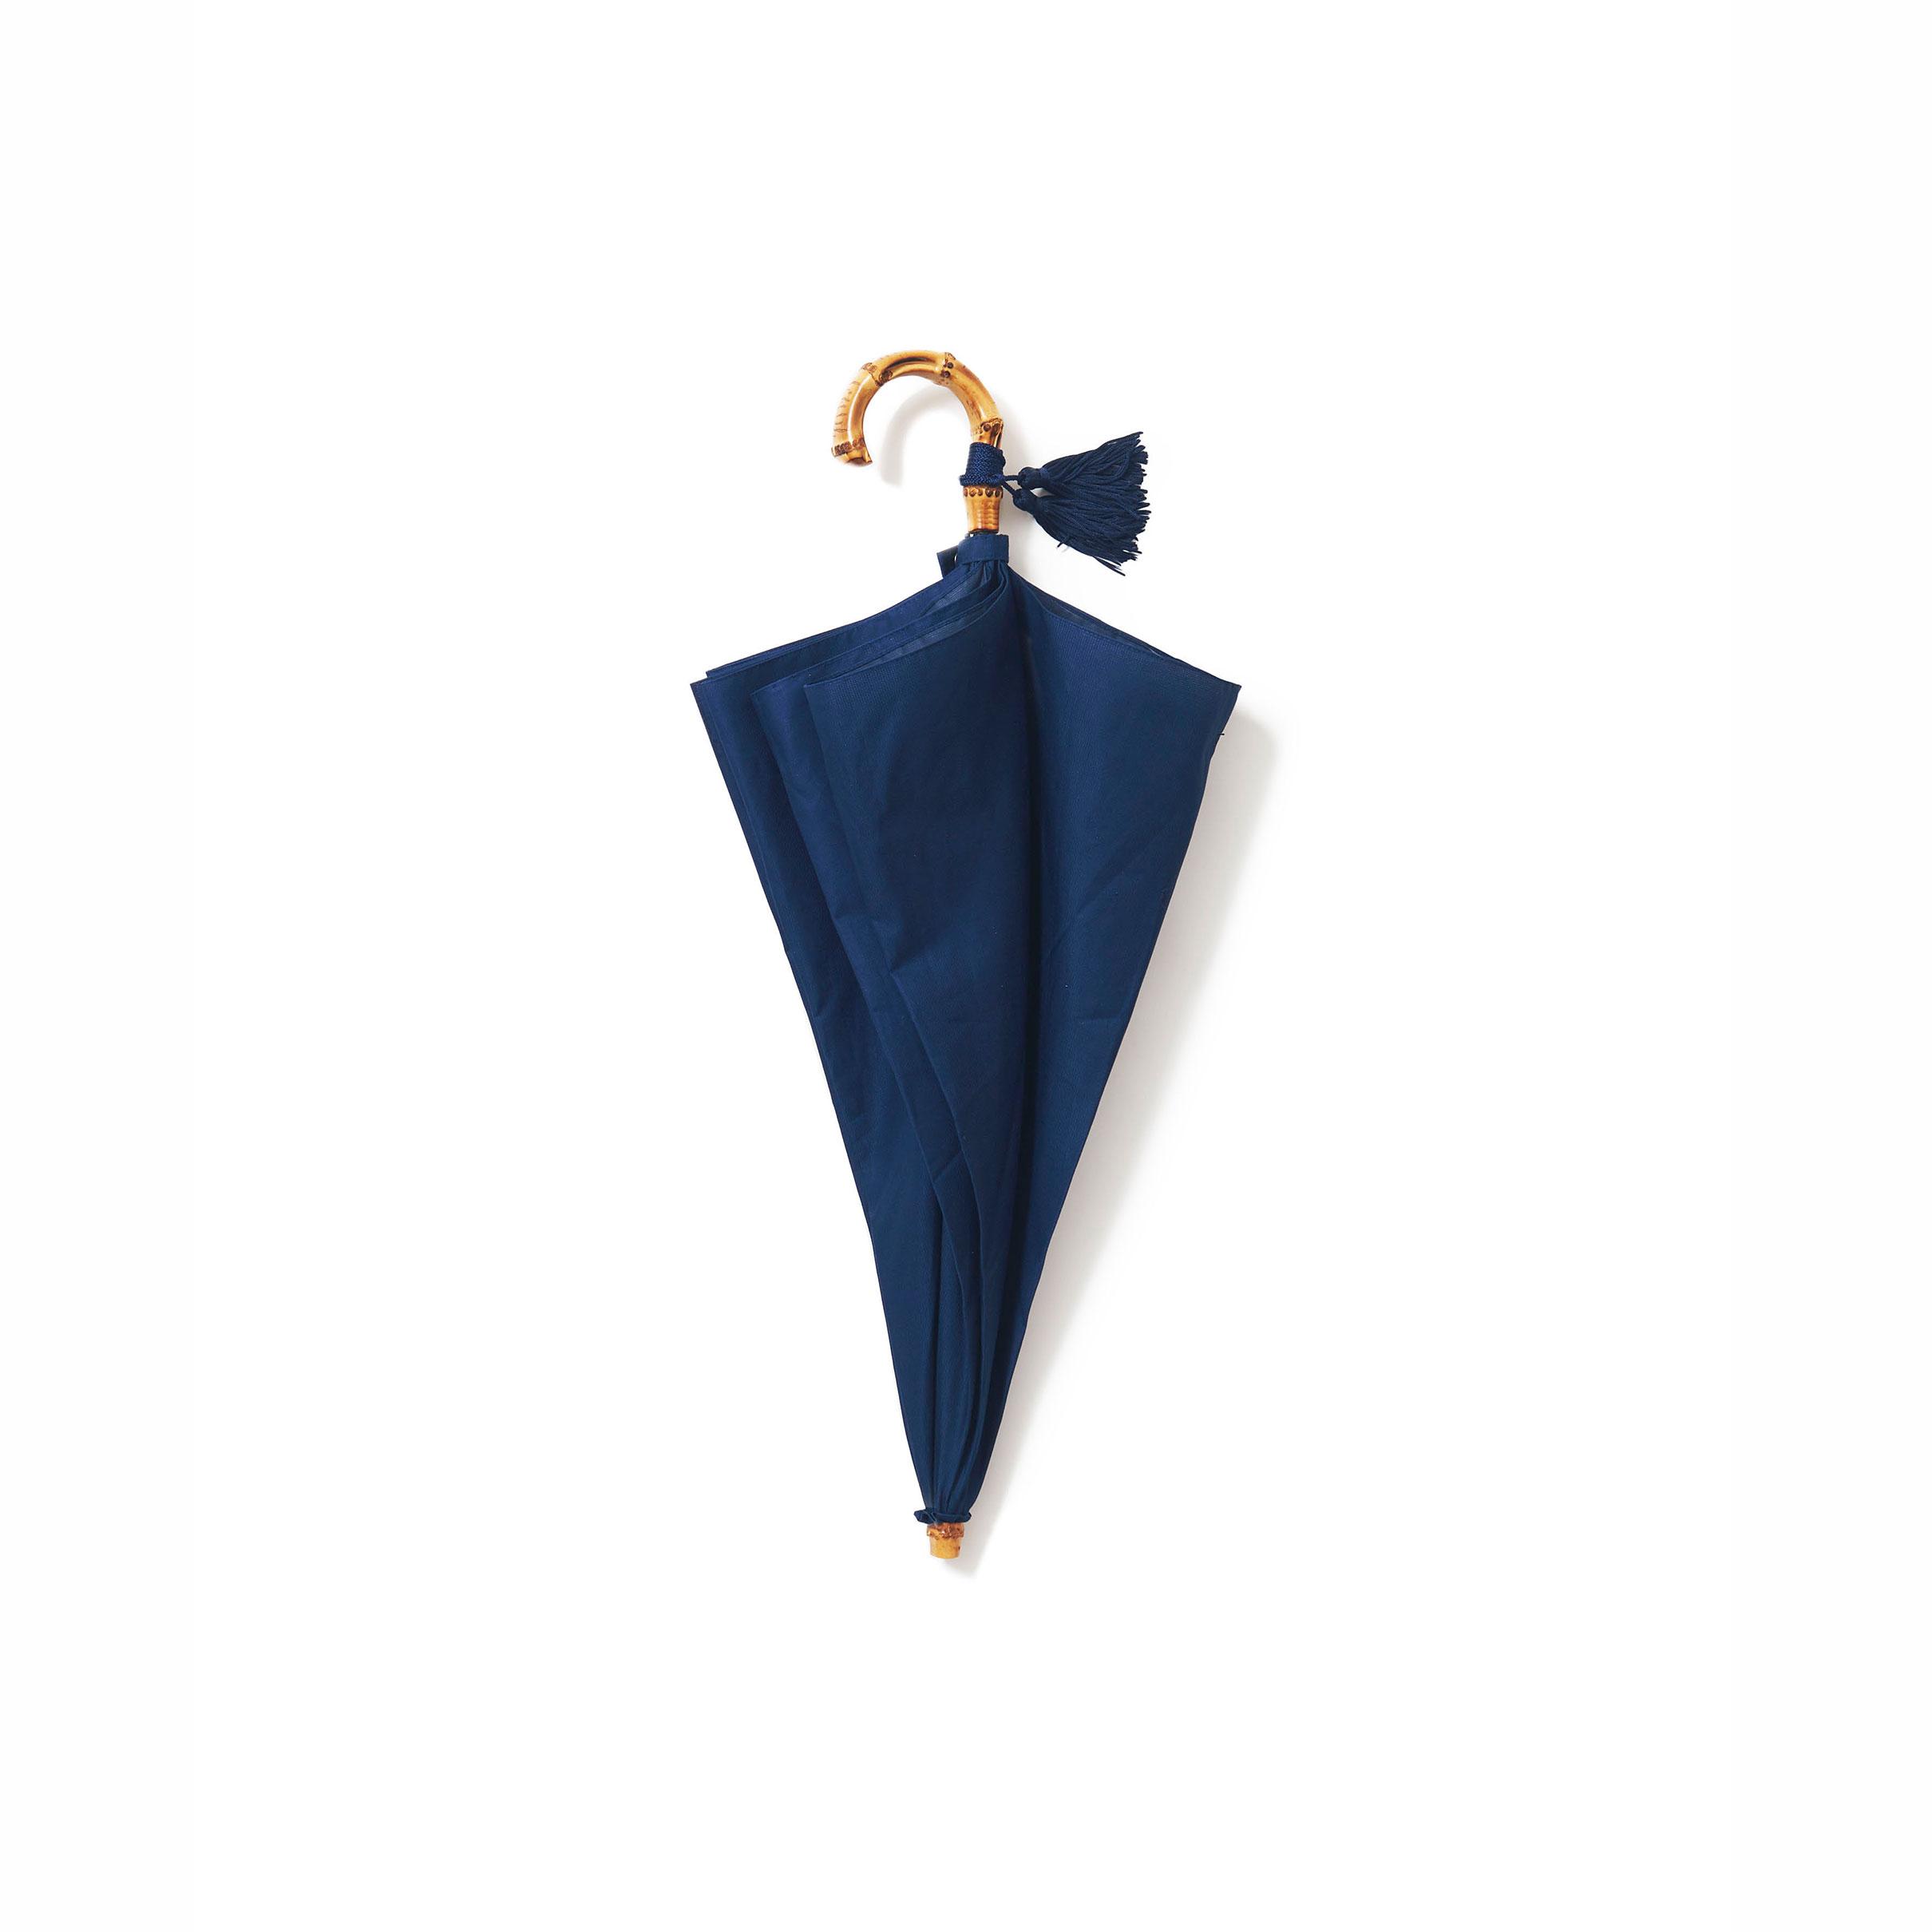 ネイビーの折りたたみ傘